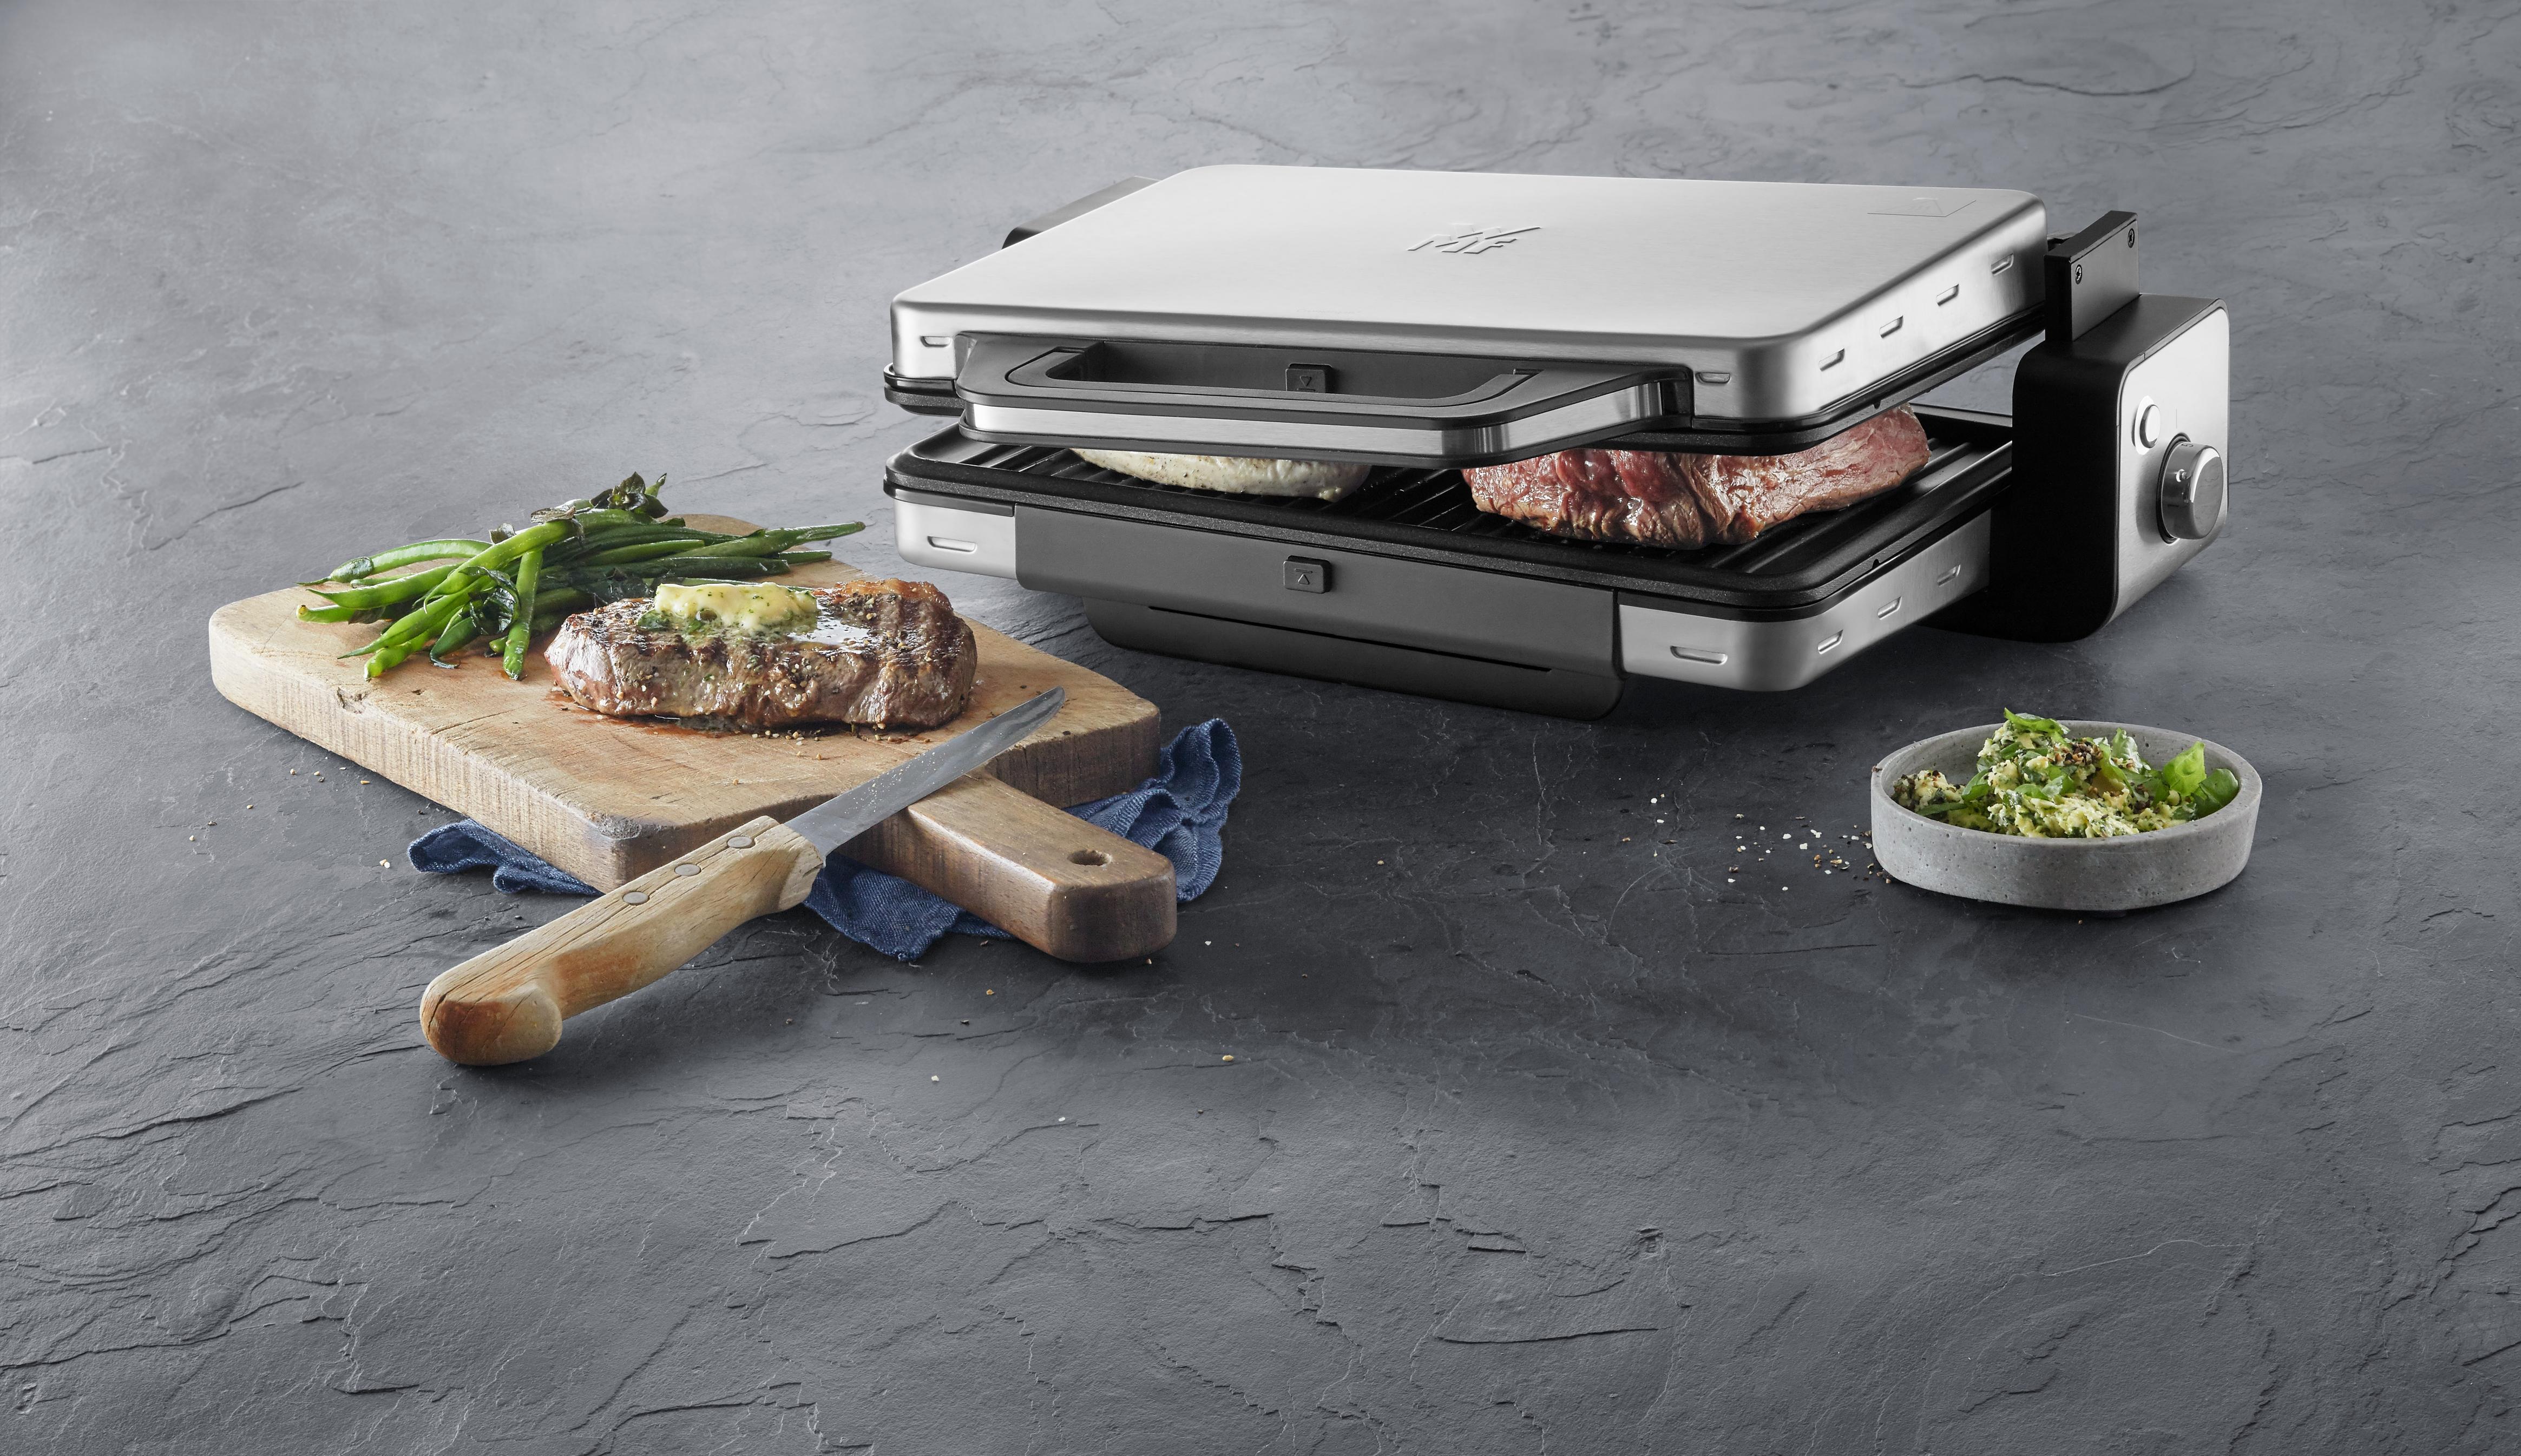 Kapalıyken tost, açıkken masaüstü ızgara makinesi.